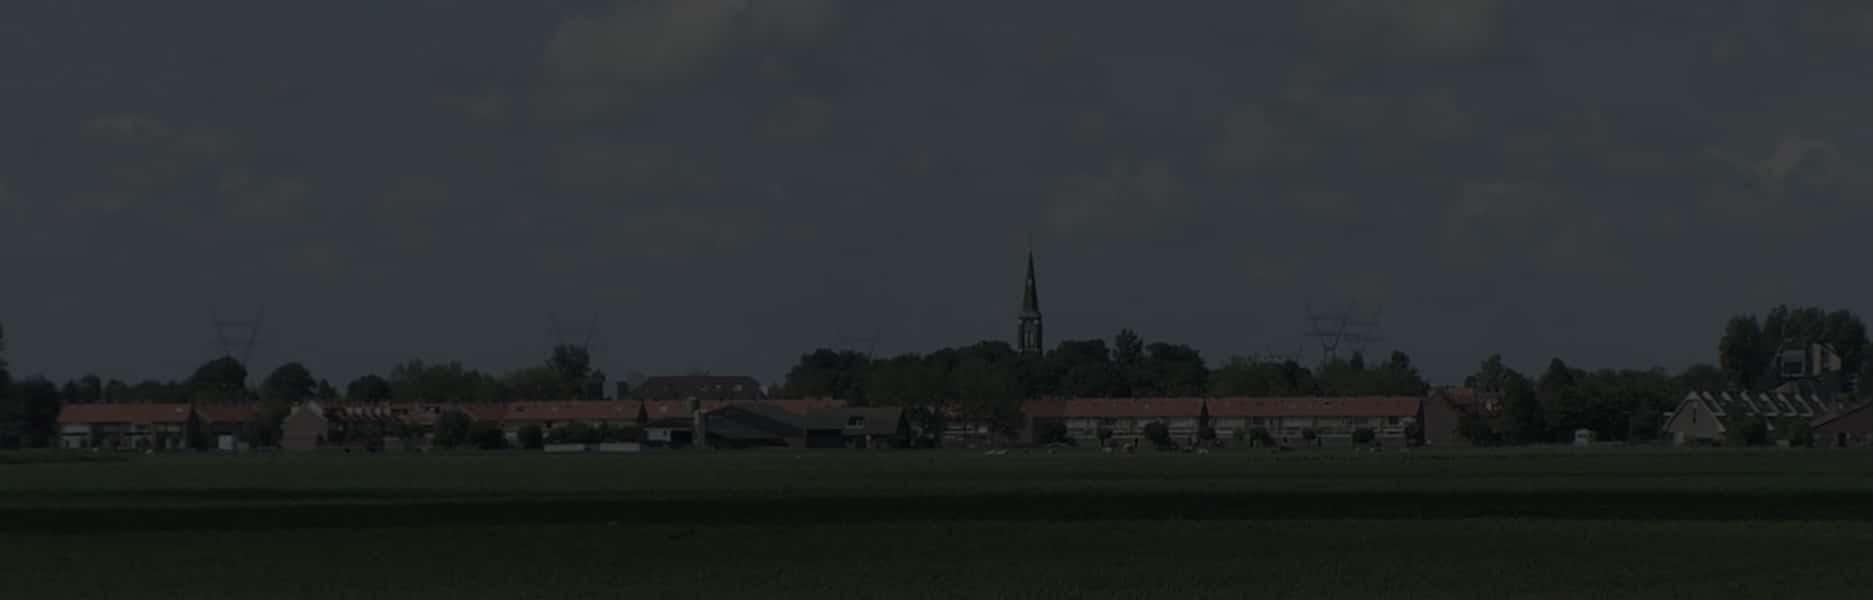 Kerk van Hazerswoude Dorp